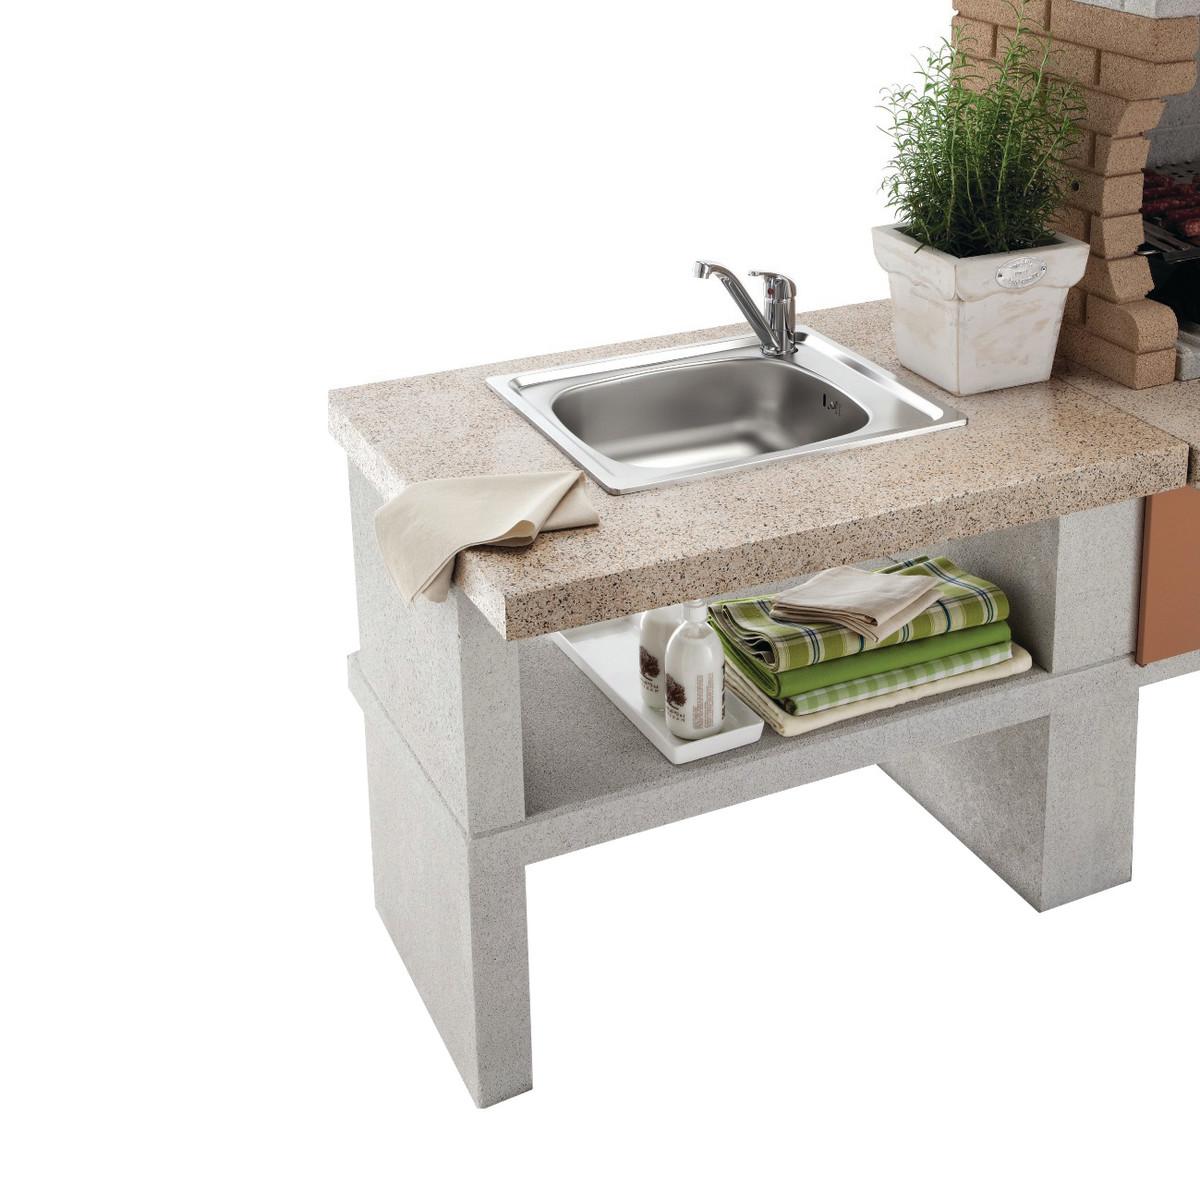 Mobile lavello cucina leroy merlin casamia idea di immagine for Piastrelle da esterno ikea